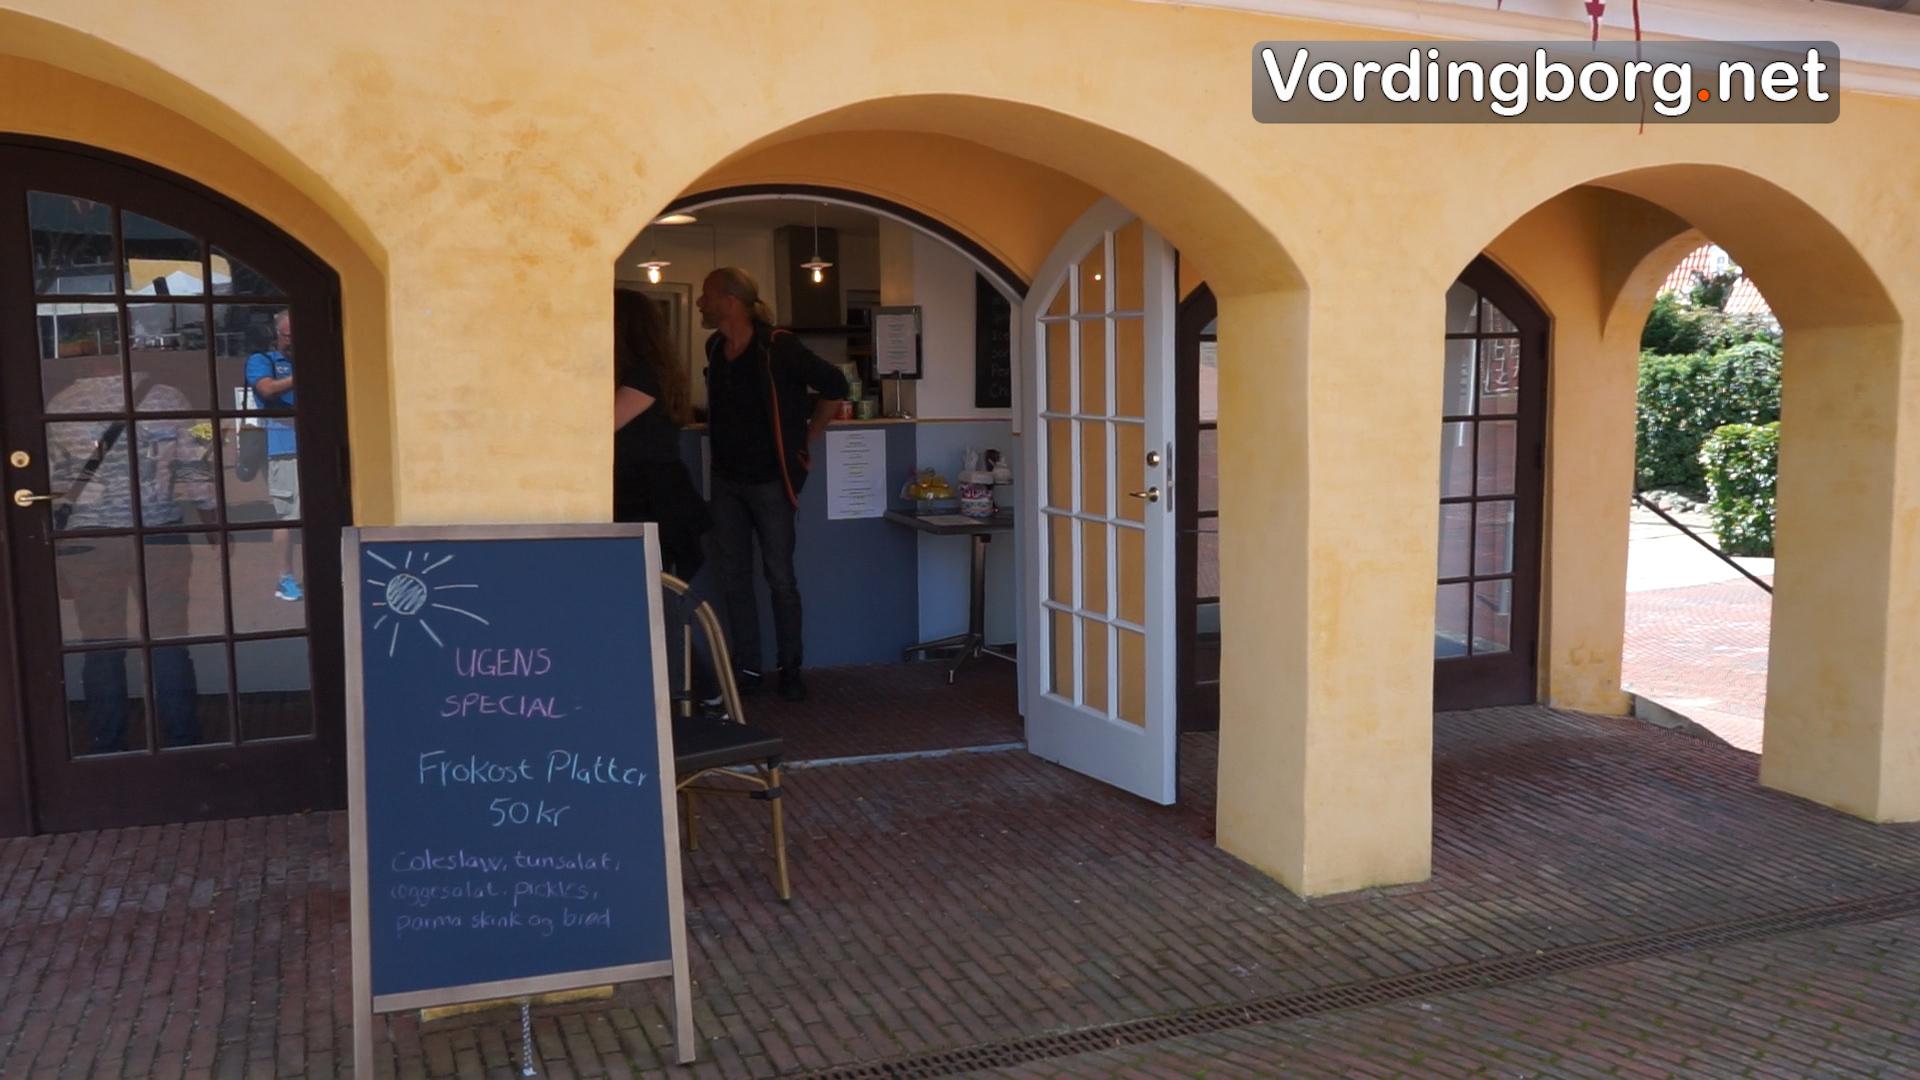 Et besøg hos Jay's Borough Market Street Food i Vordingborg [Video]